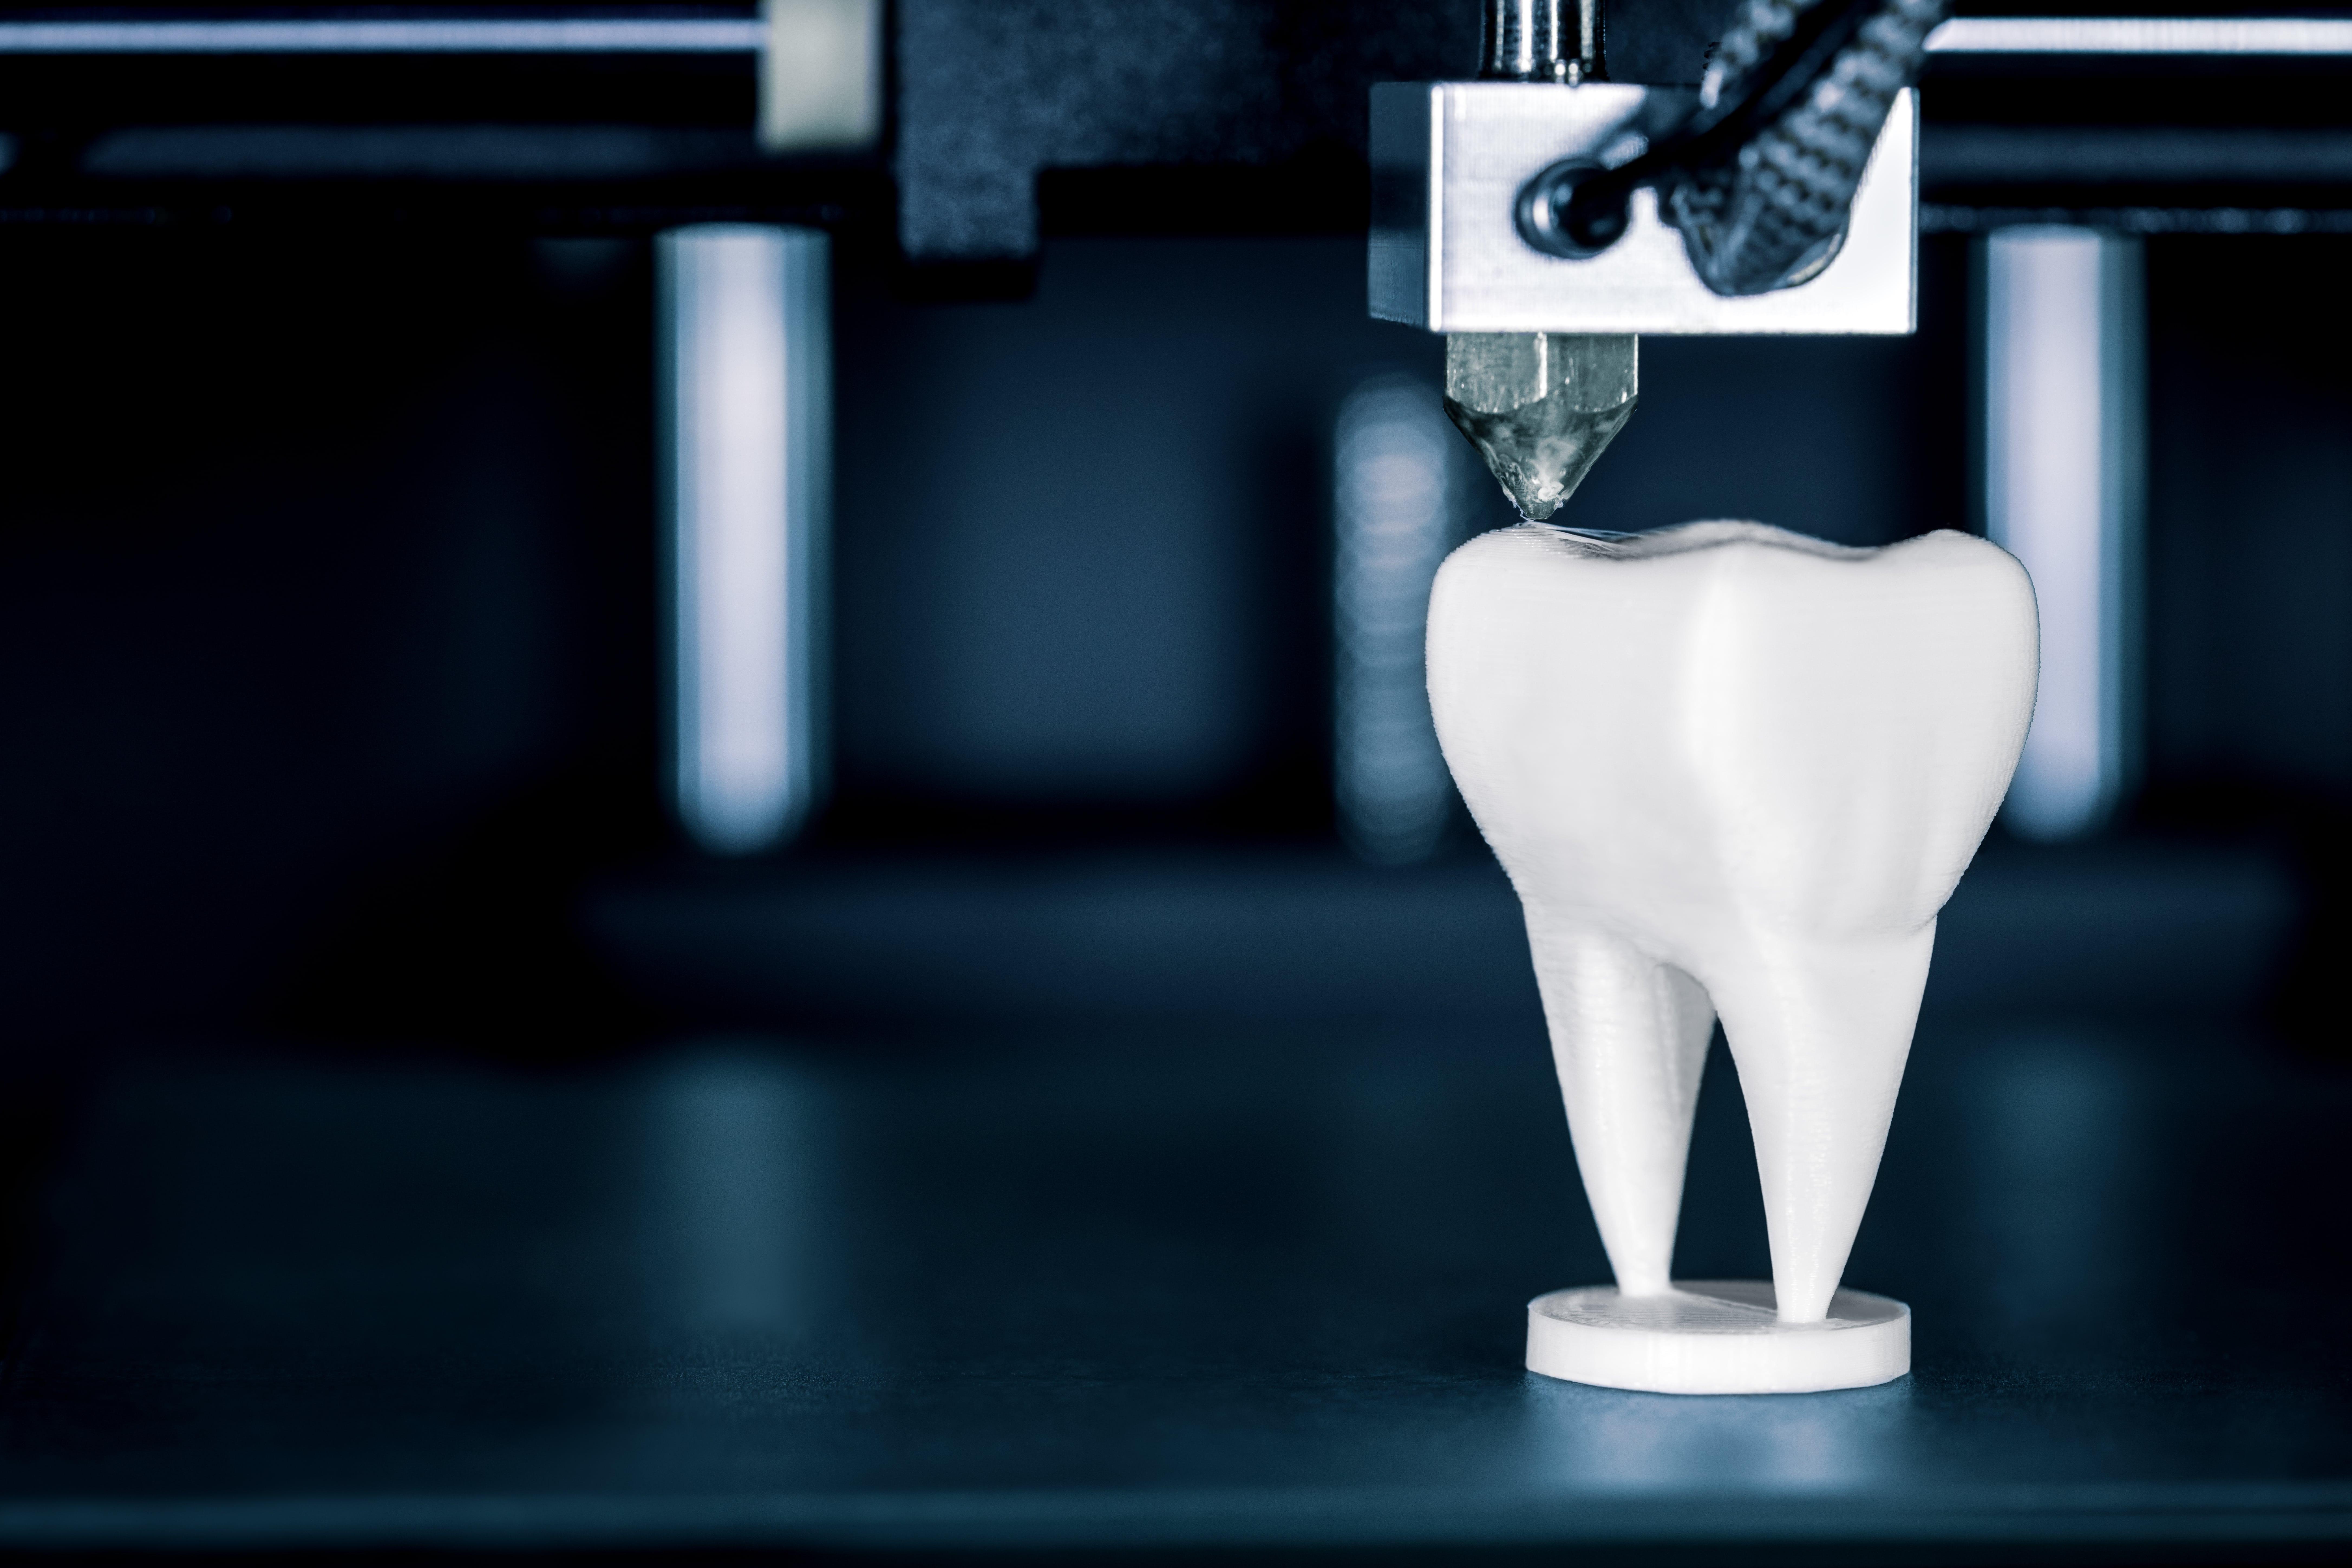 Ein Zahn bei Labor Torsello, weiss gesund und schön.